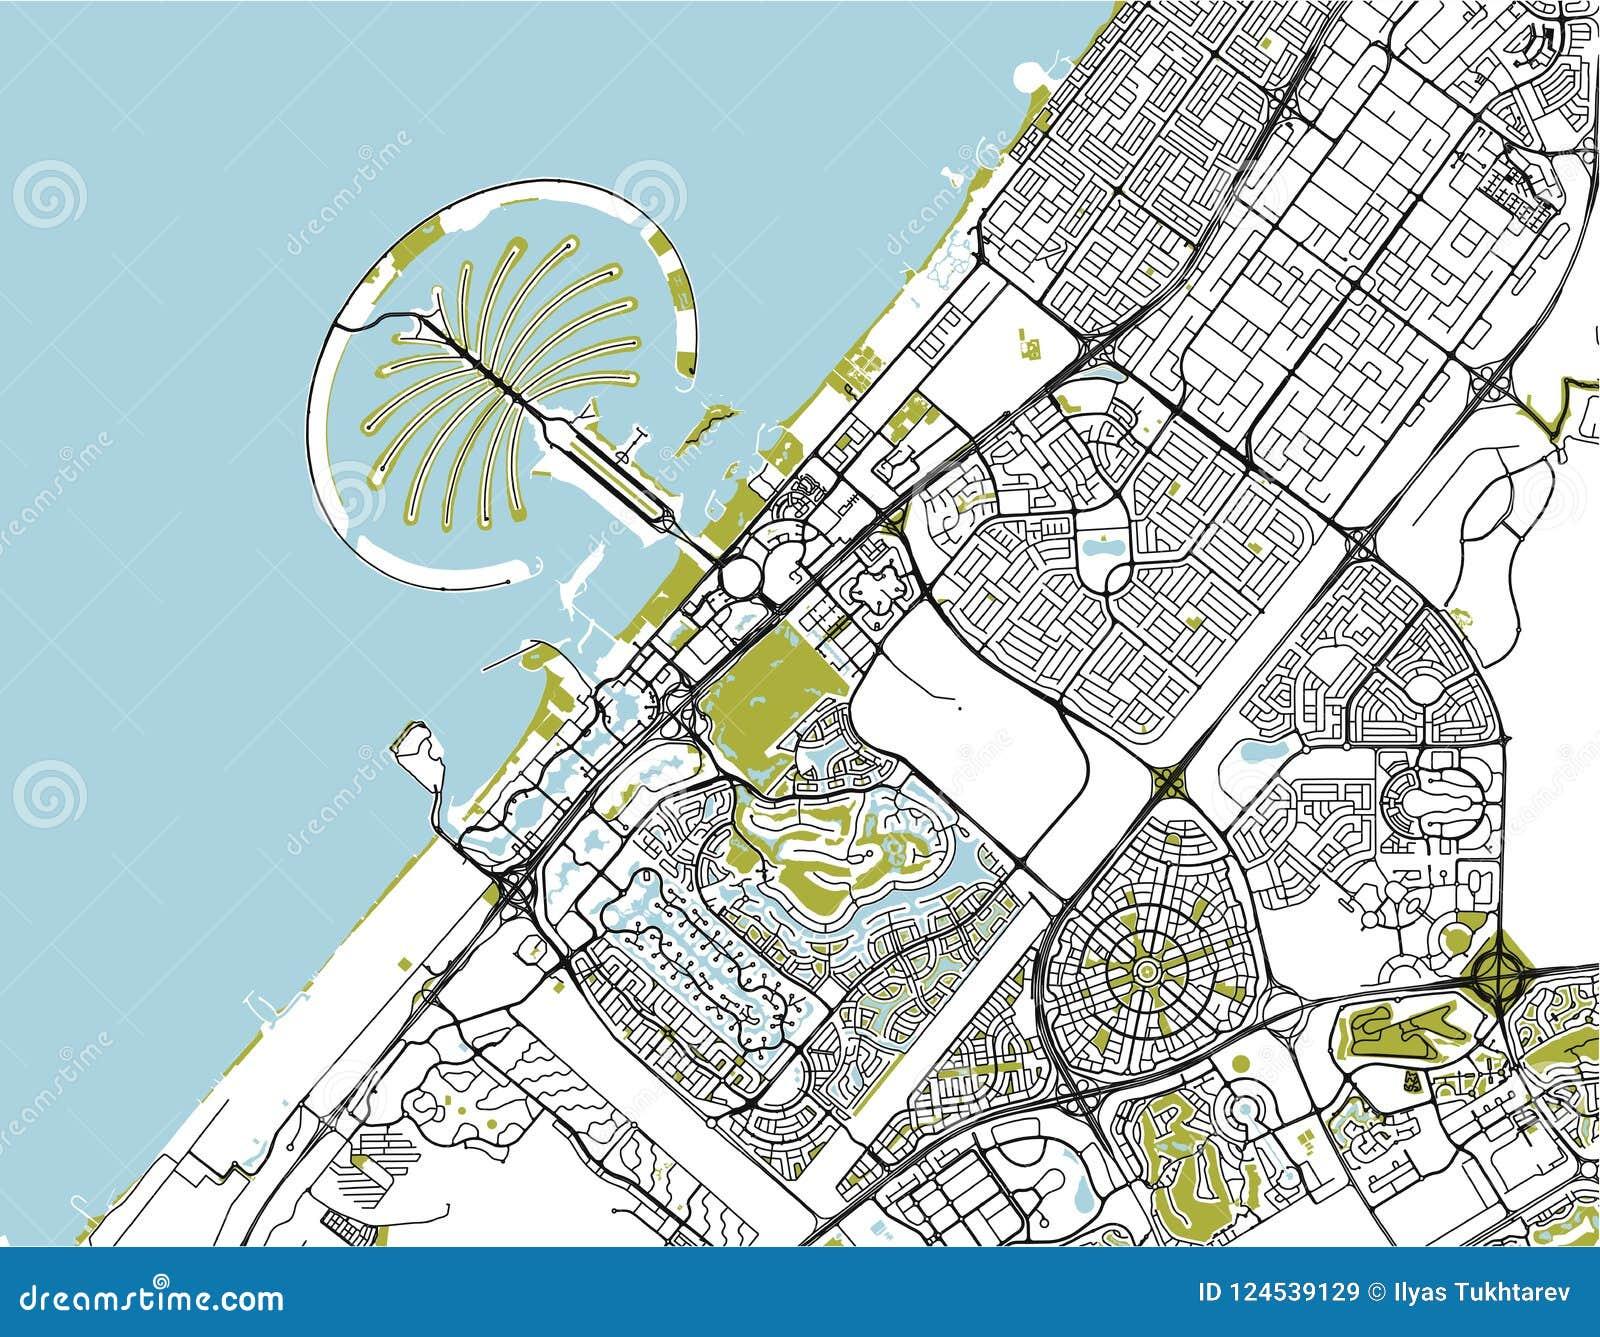 Emirati Arabi Dubai Cartina Geografica.Mappa Della Citta Del Dubai Emirati Arabi Uniti Uae Illustrazione Di Stock Illustrazione Di Centrale America 124539129